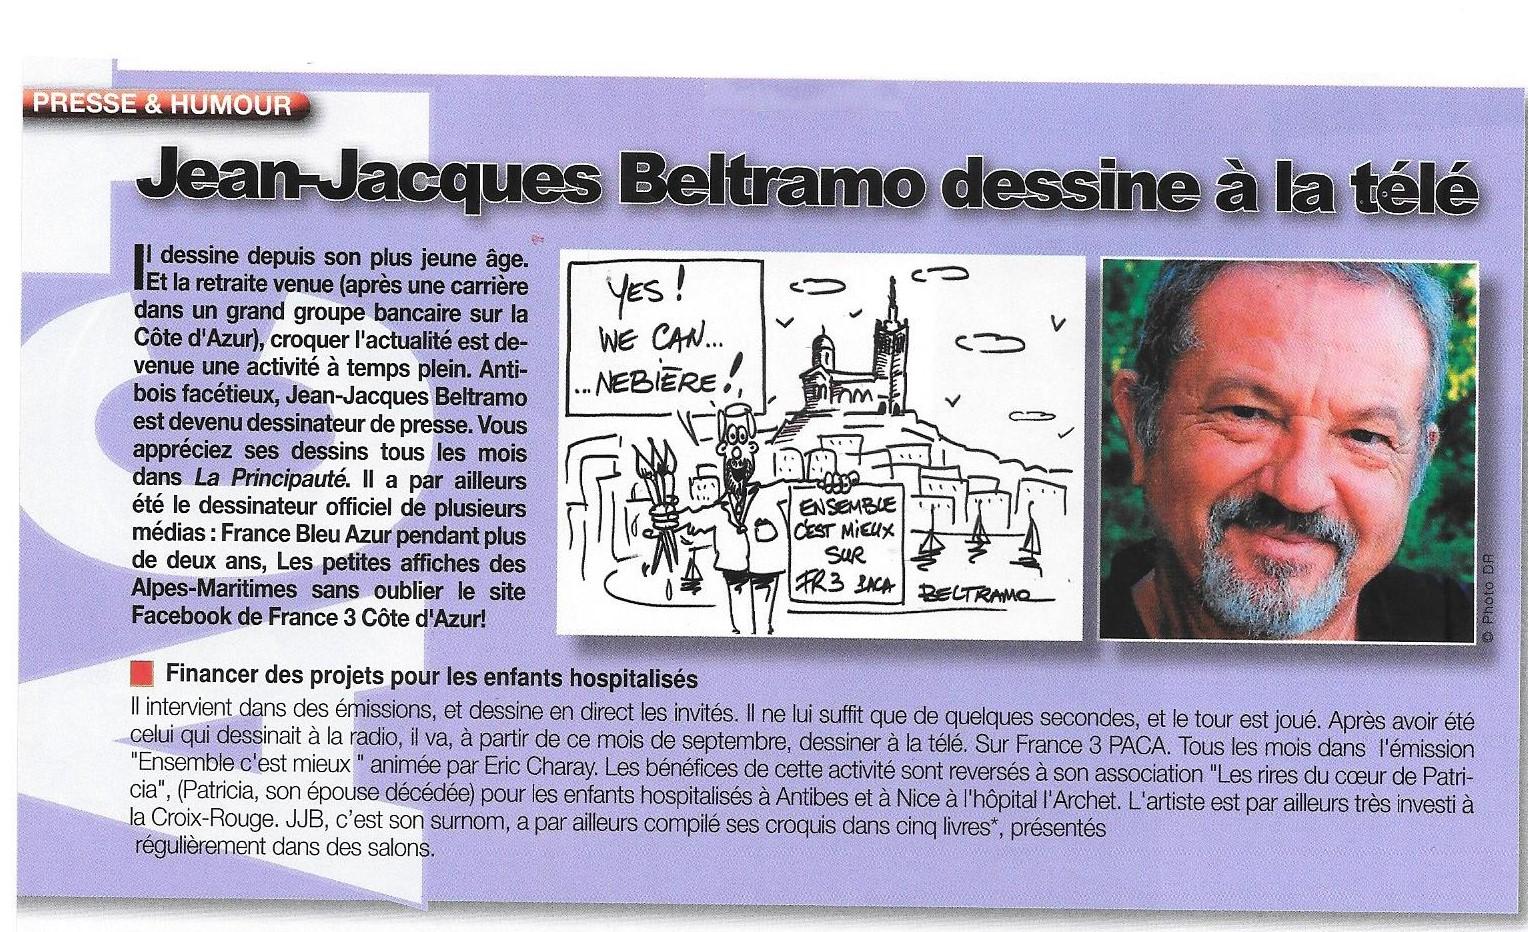 Notre partenaire J.Jacques Beltramo dessine à la TV